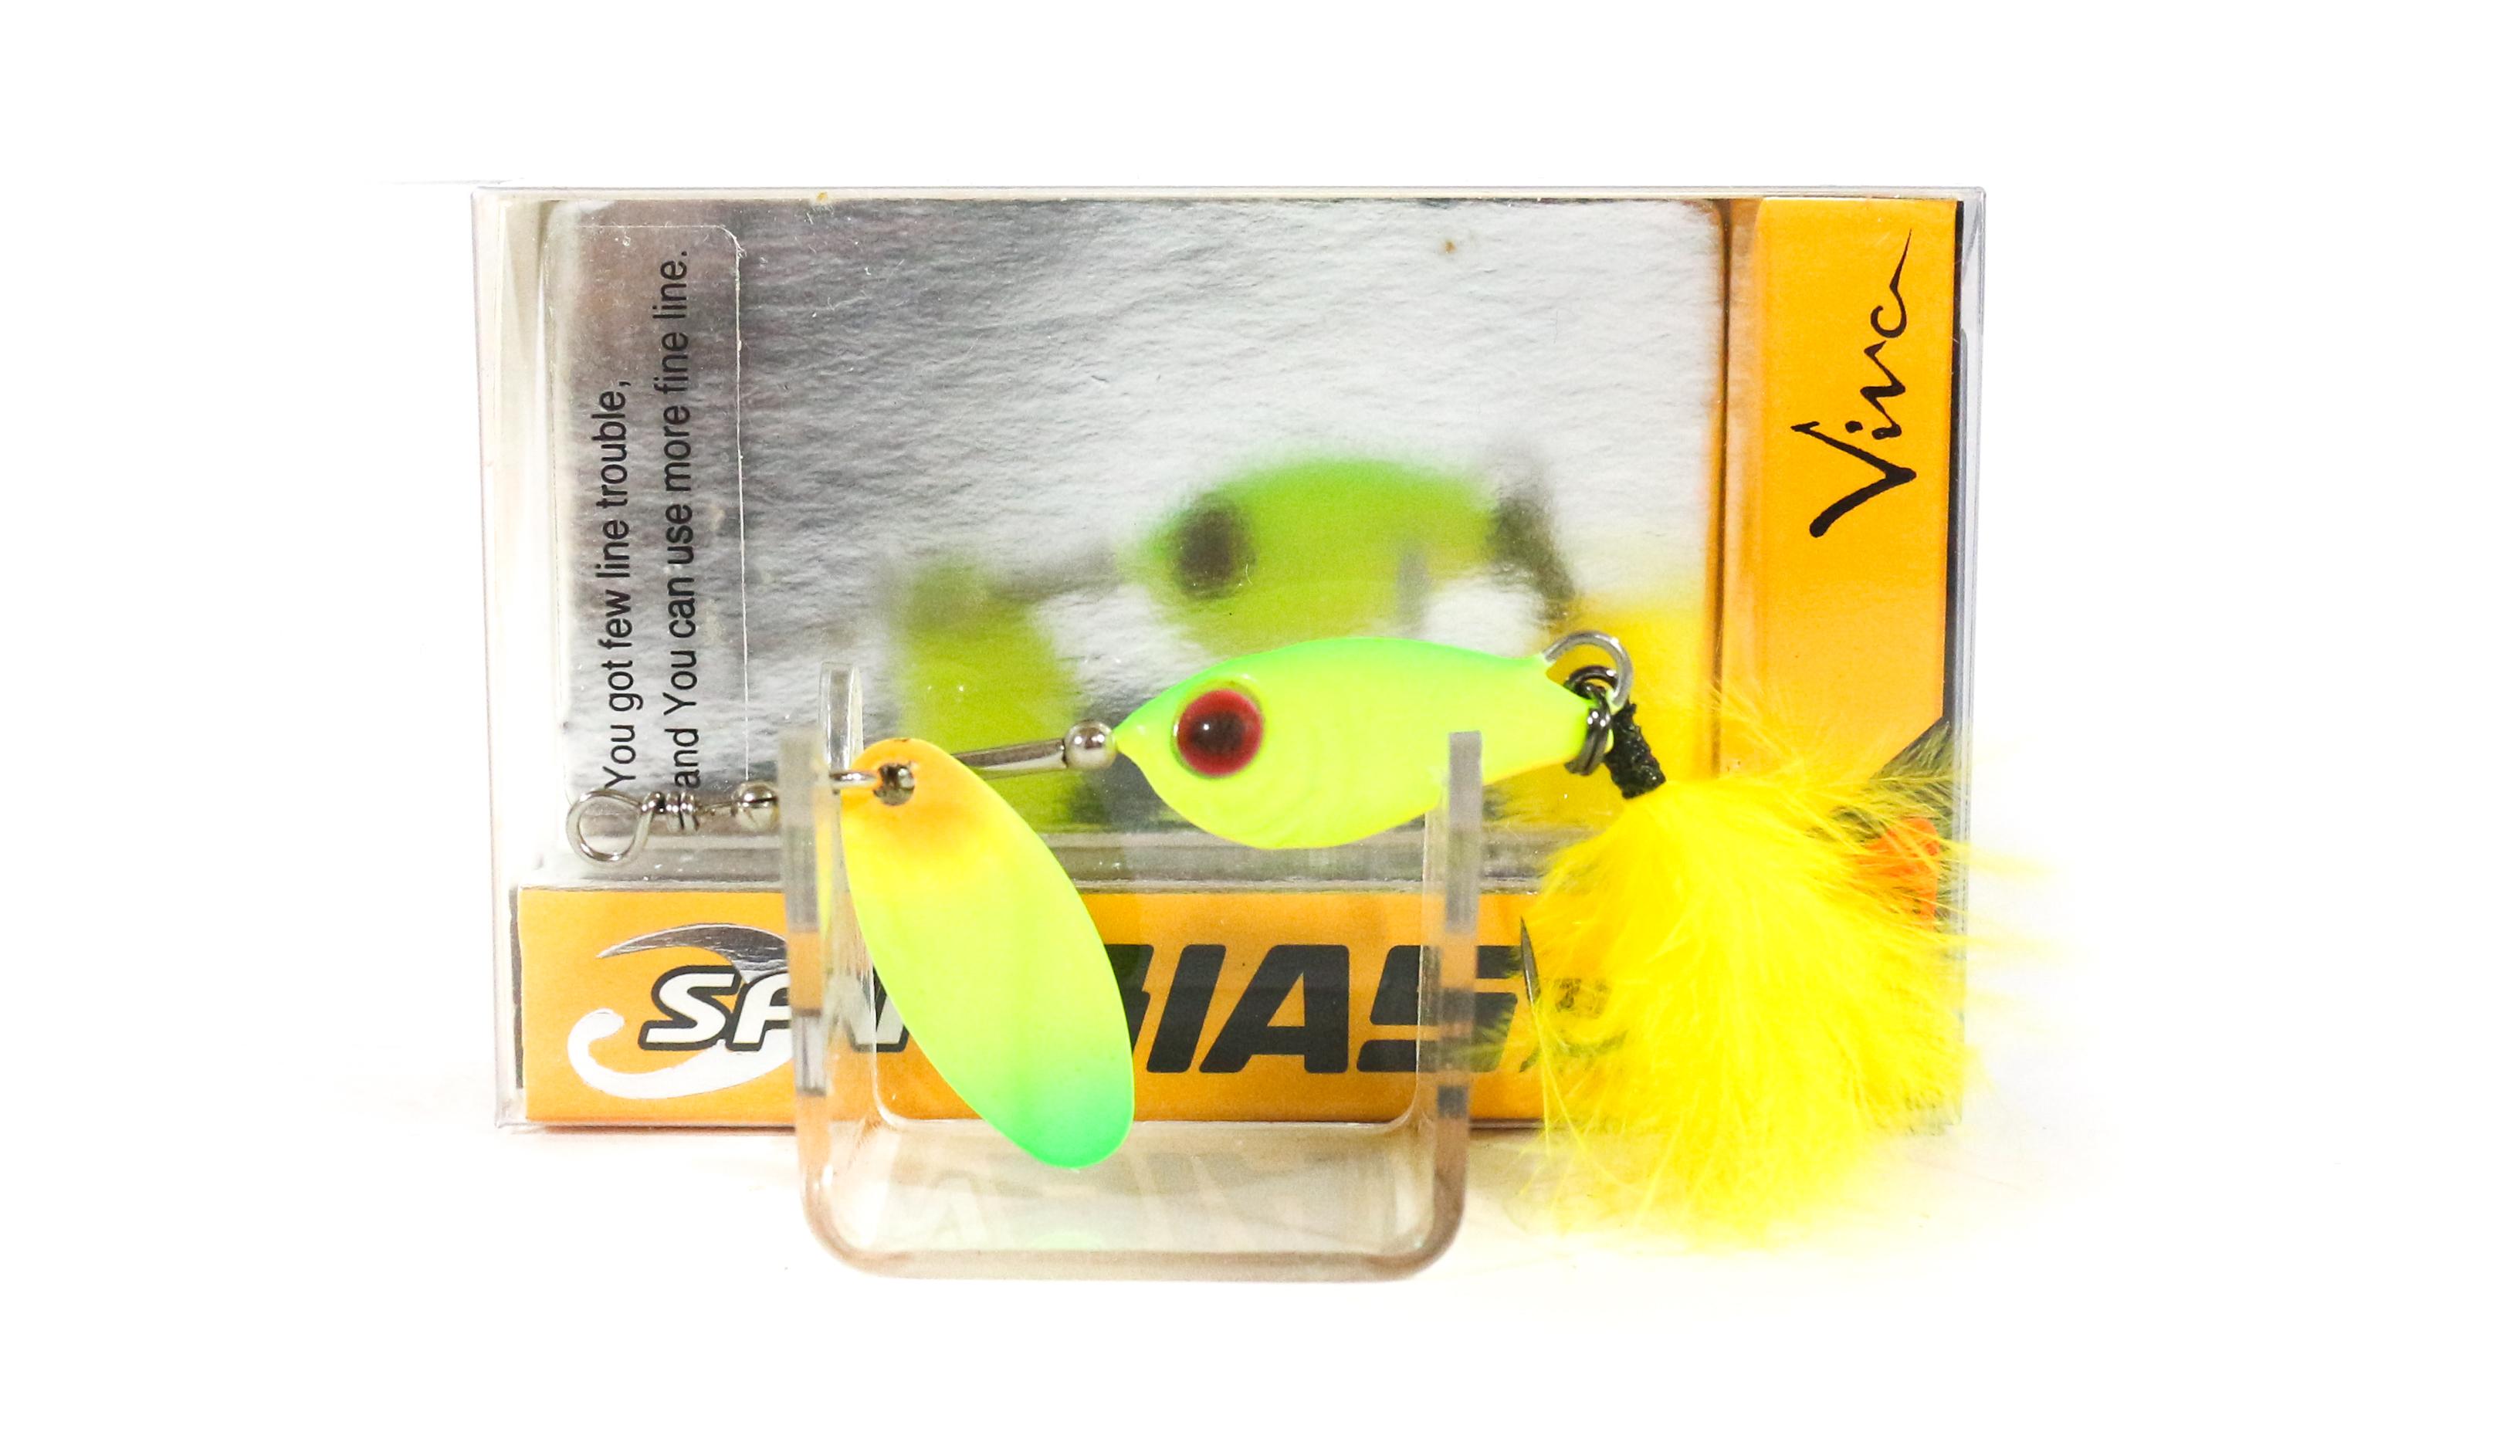 Viva Spin Bias 5 grams Spinner Bait Lure 17s (4136)